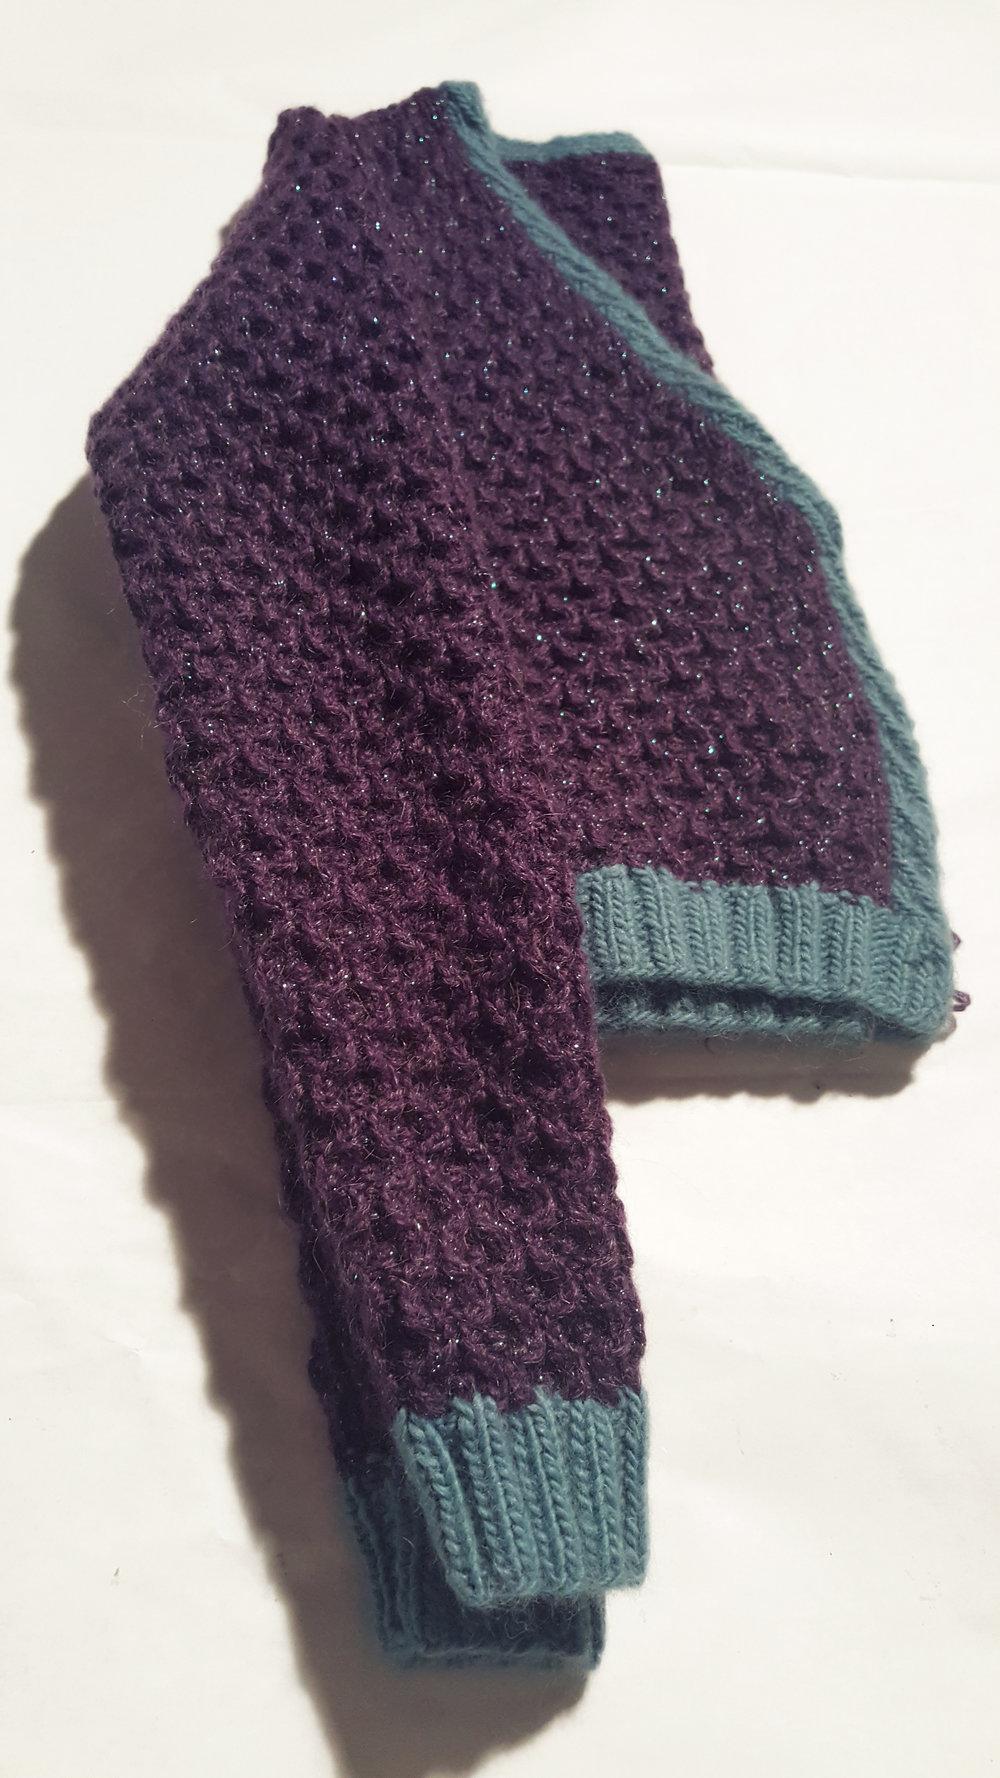 purple lace sweater.jpg